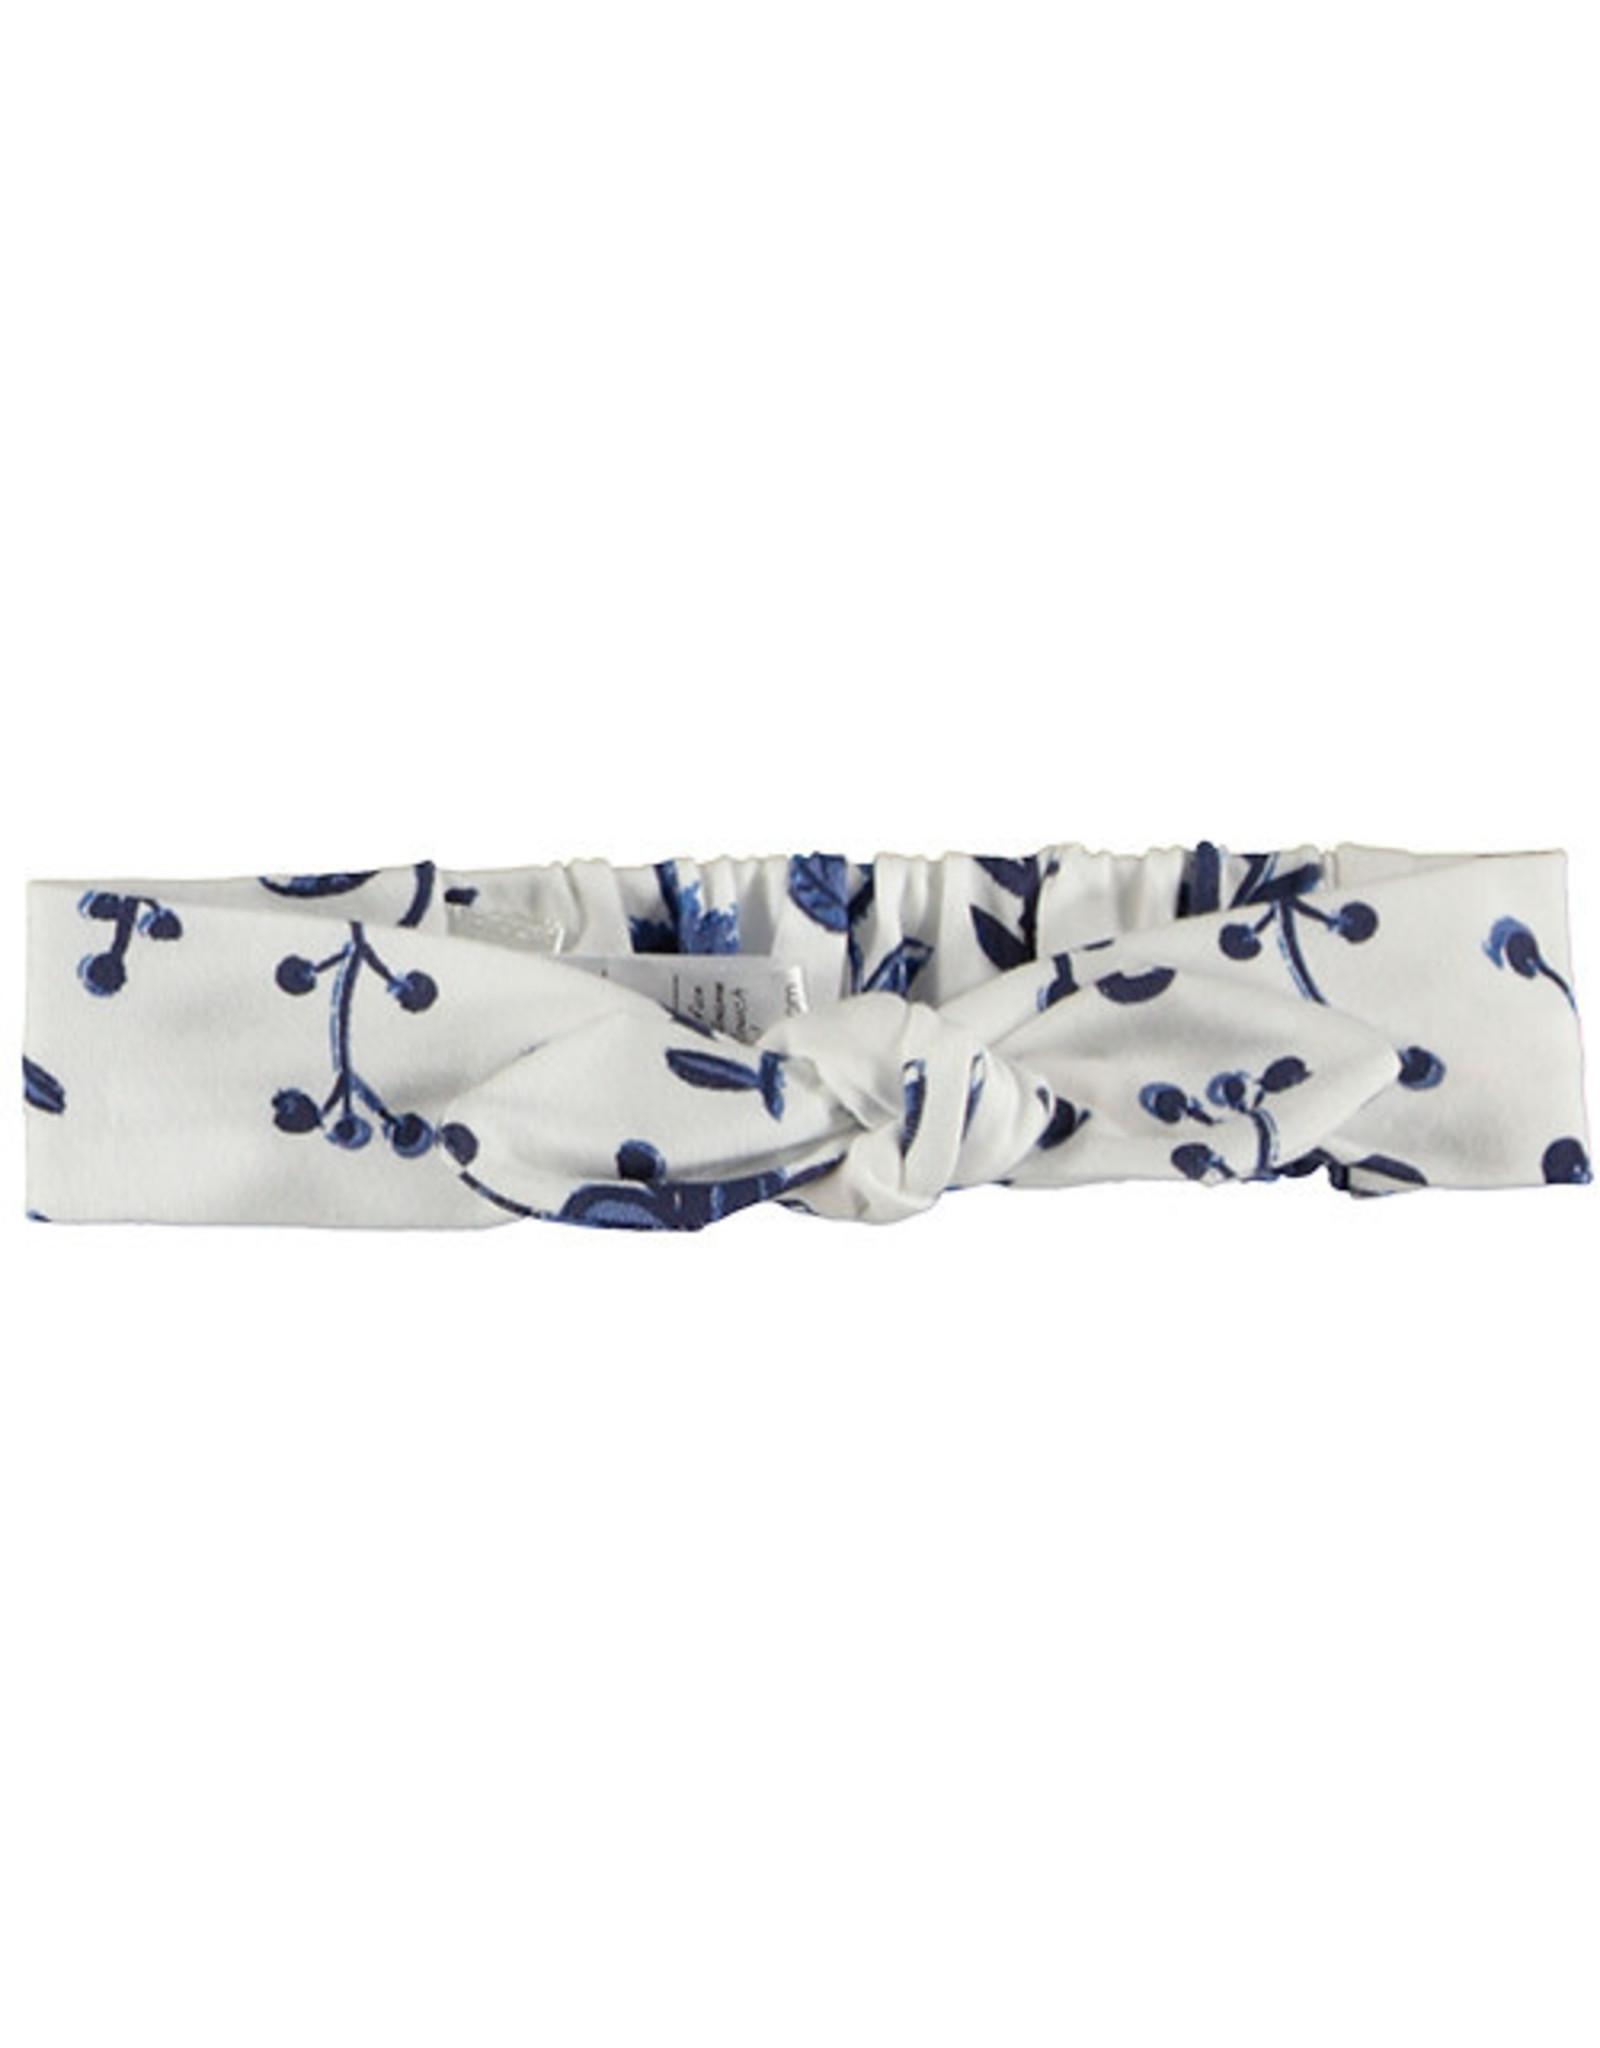 B.E.S.S haarband blauwe bloemen